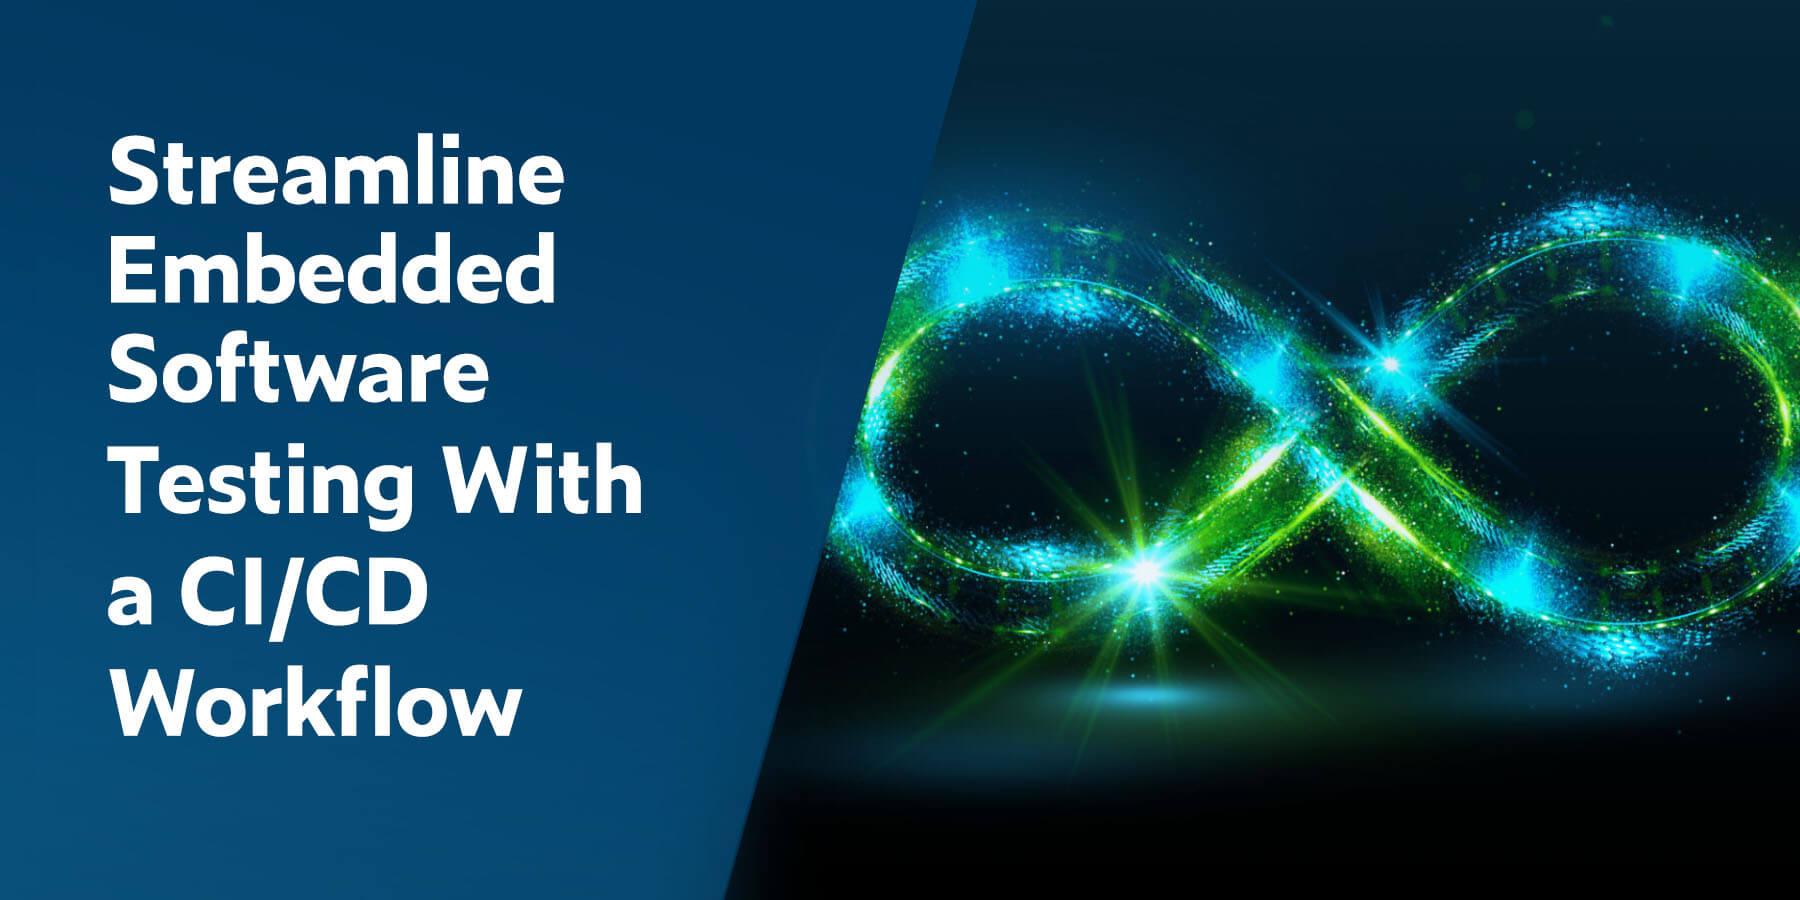 Optimice las pruebas de software integrado con un flujo de trabajo de CI / CD